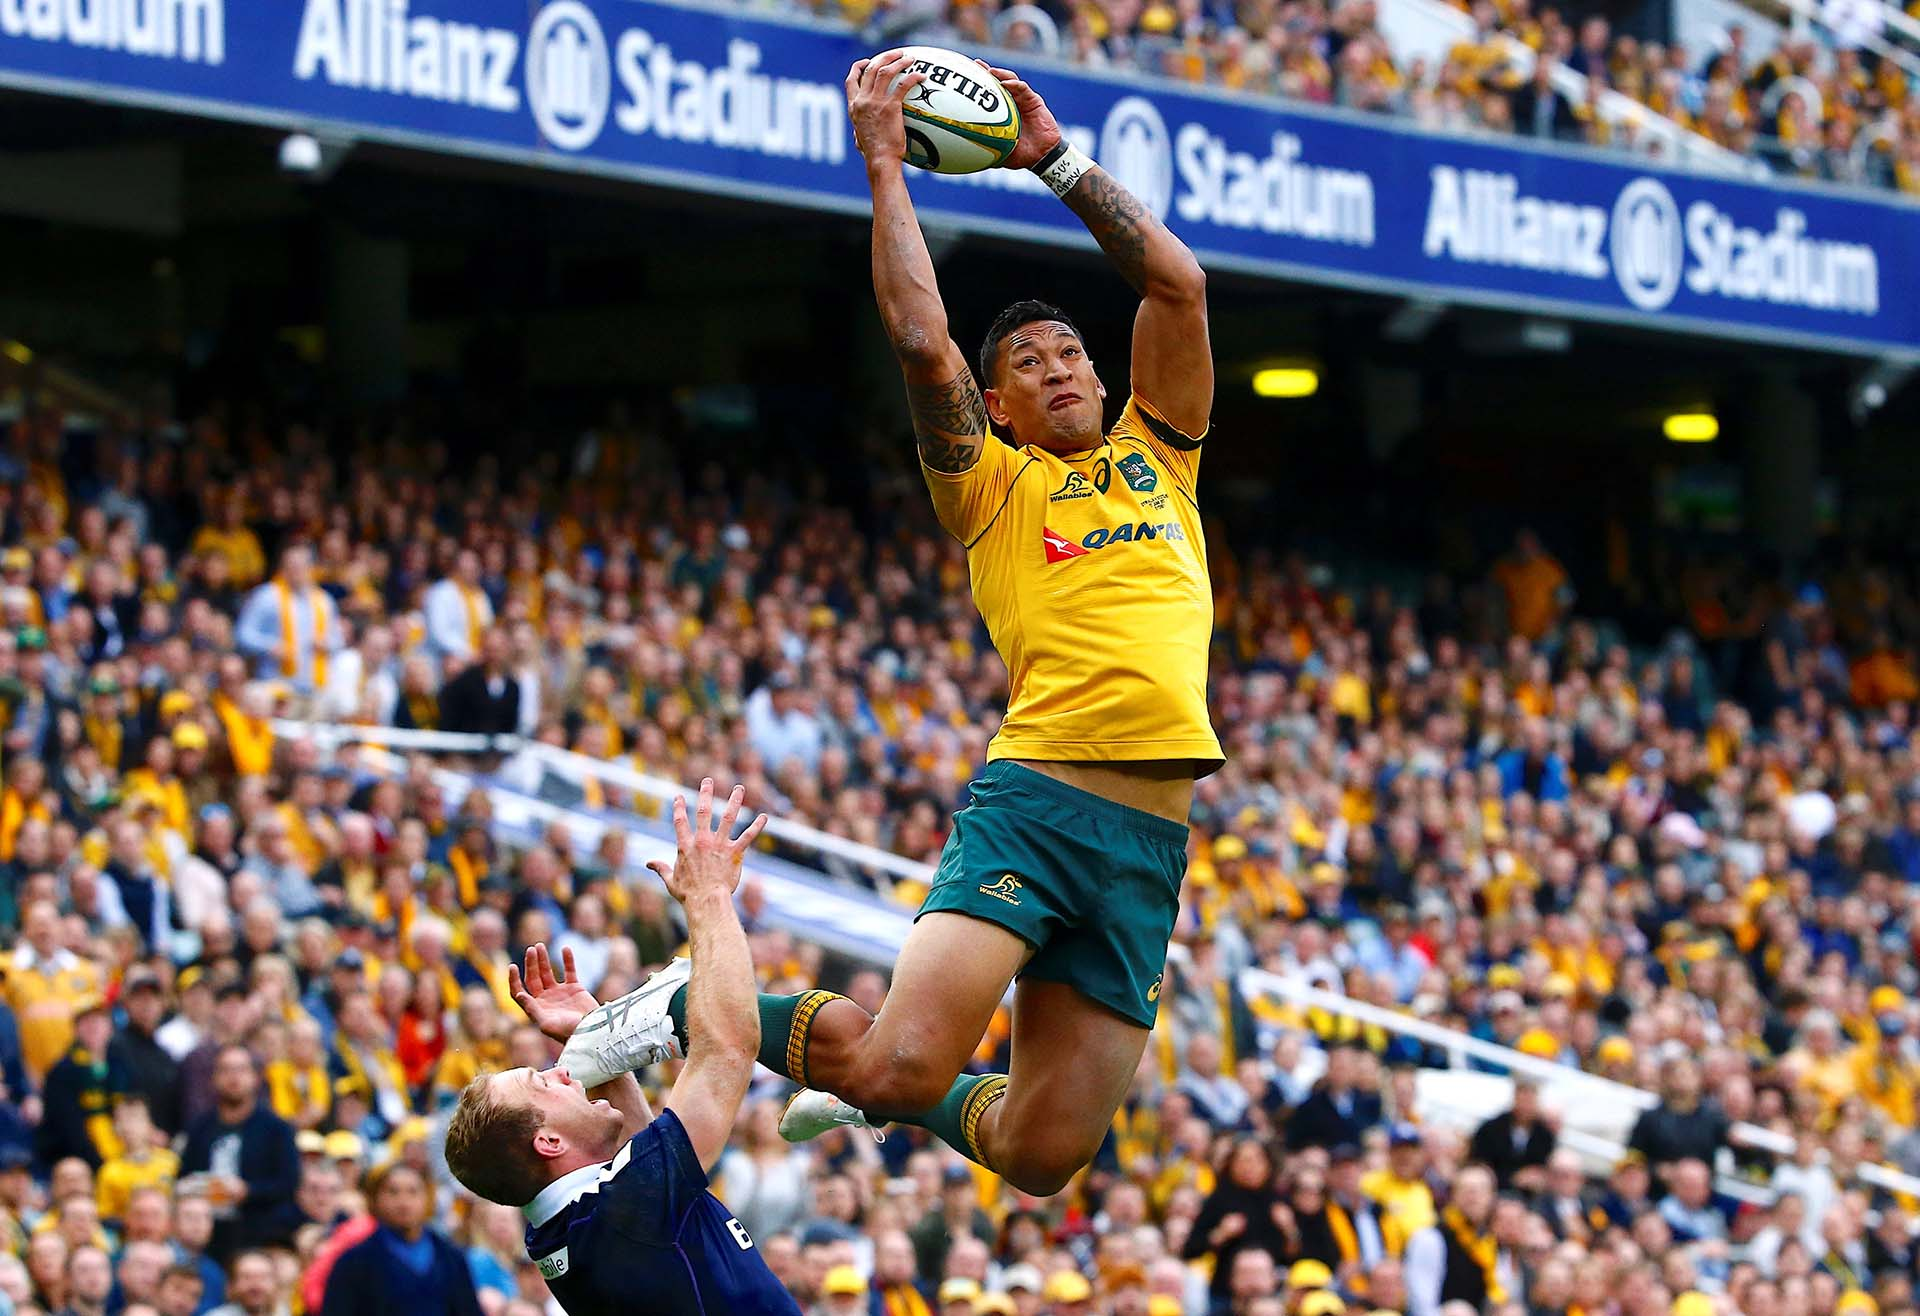 El australiano Israel Folau salta por encima del escocés Greig Tonks para tomarr el balón y marcar un try en Sydney